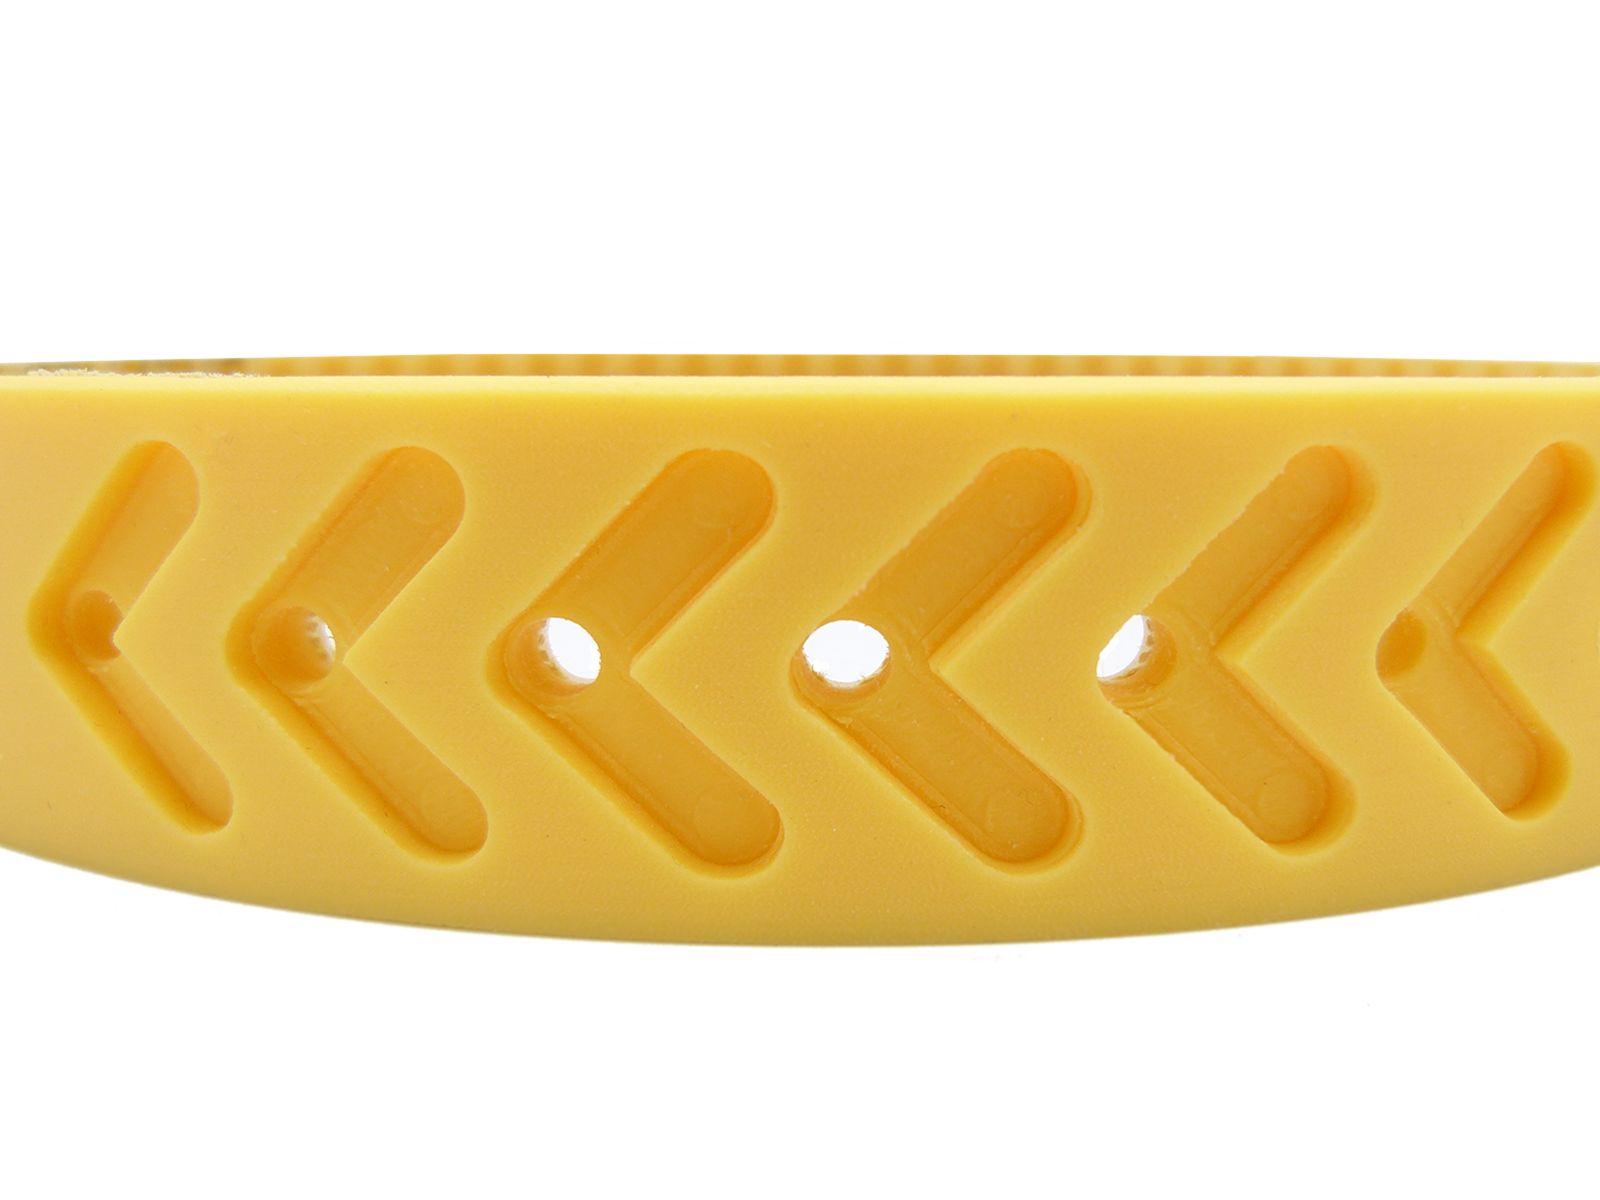 Gomma siliconica gialla 50 shore ottimo mix fra grip e durabilità